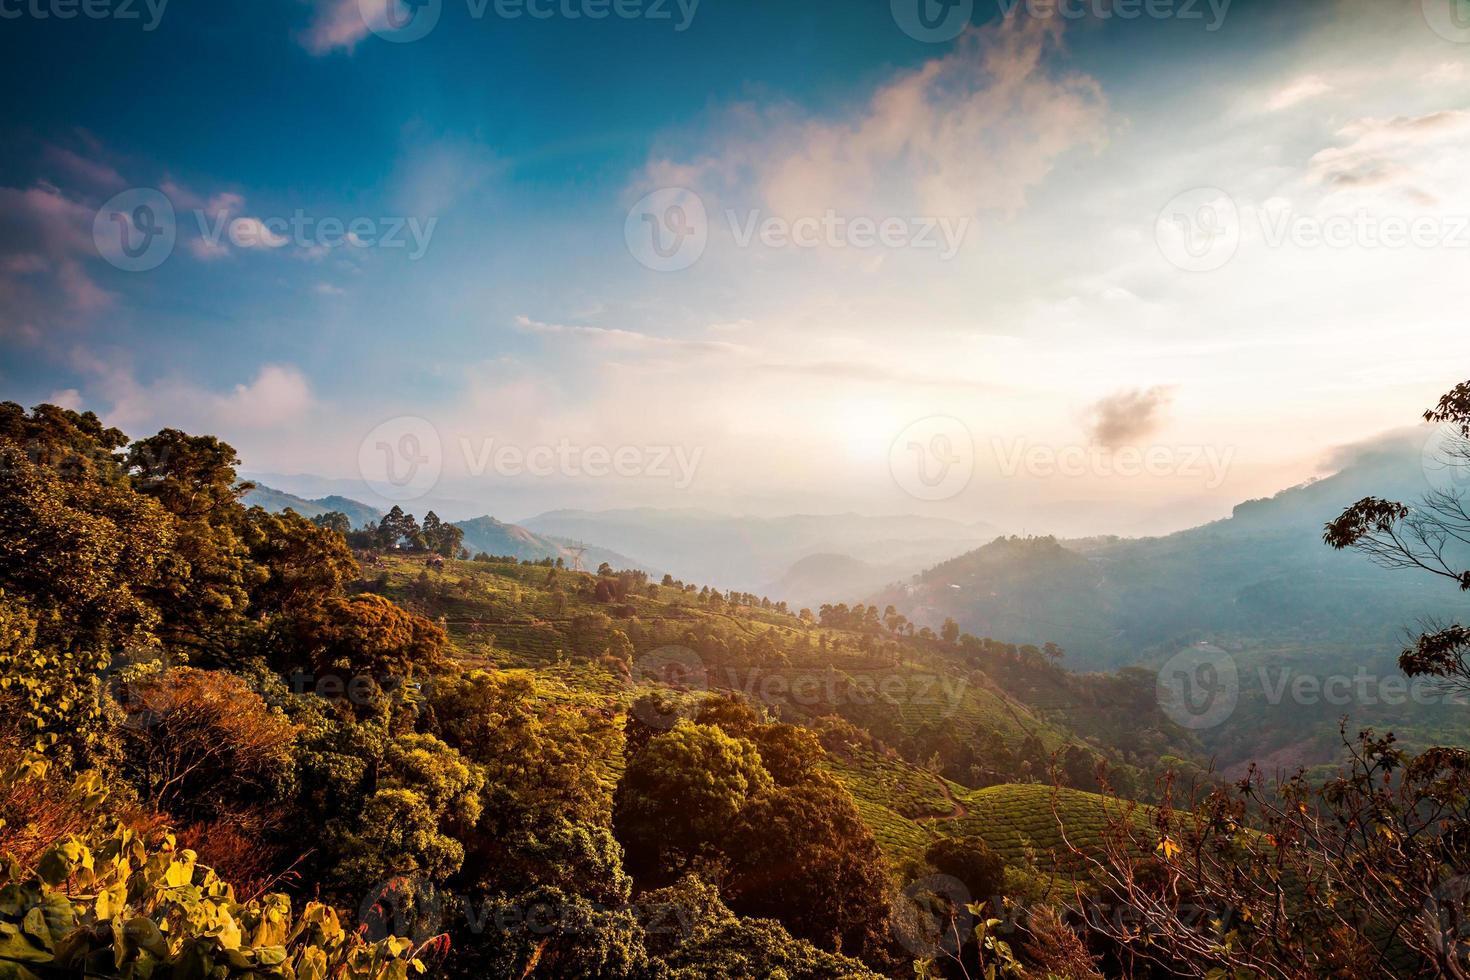 Teeplantagen in Indien foto